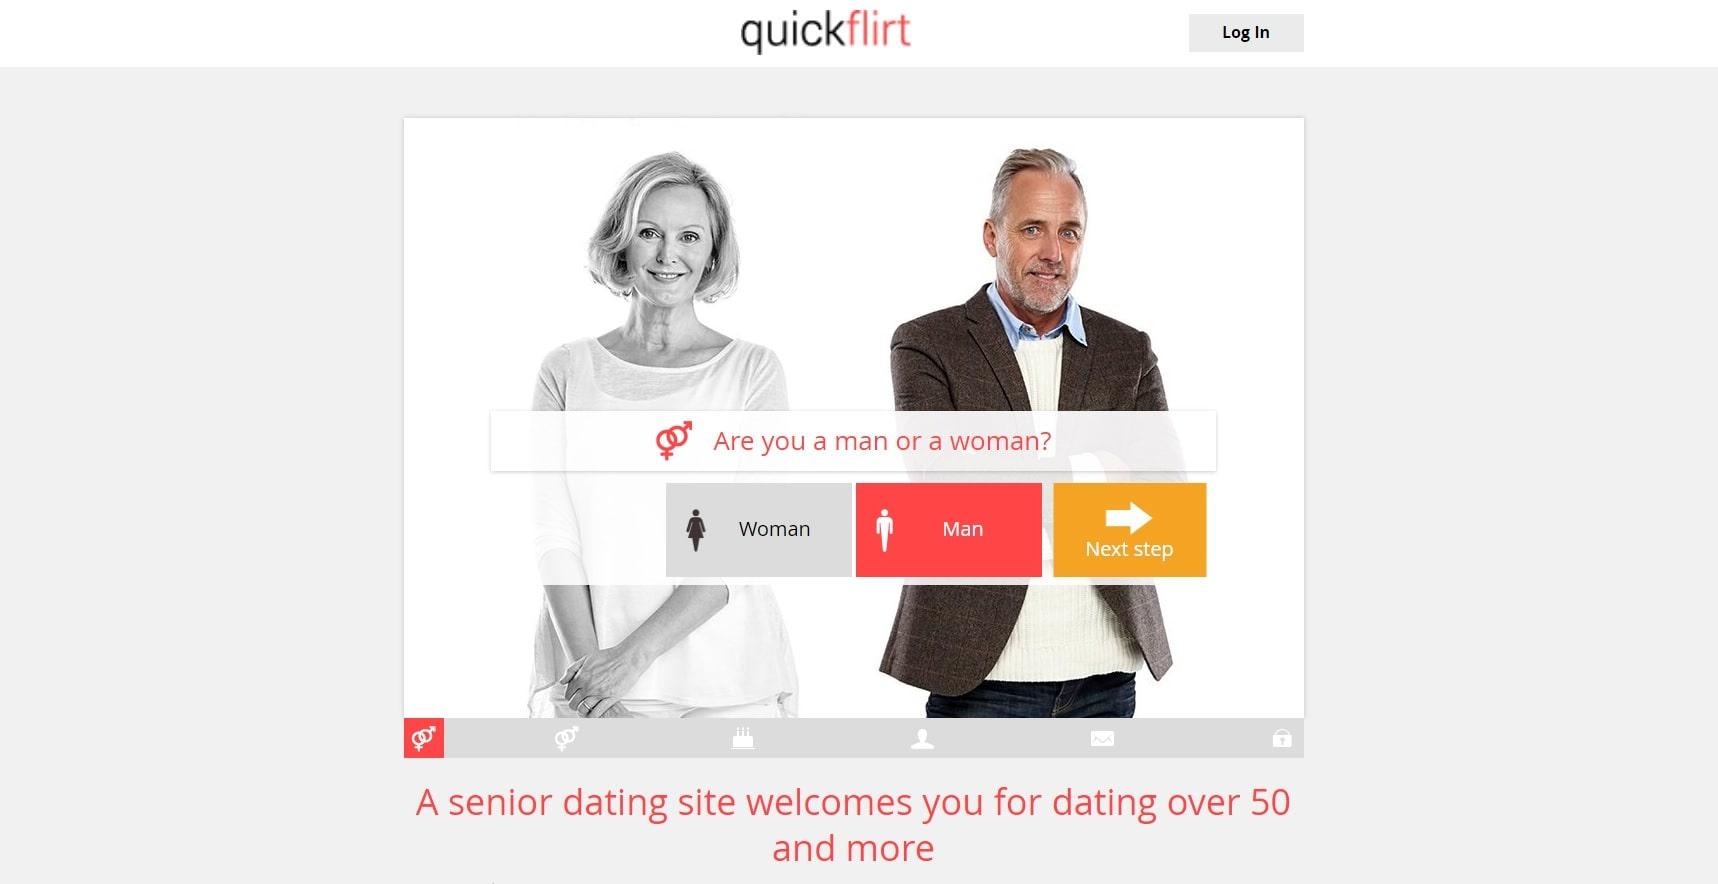 quickflirt screen